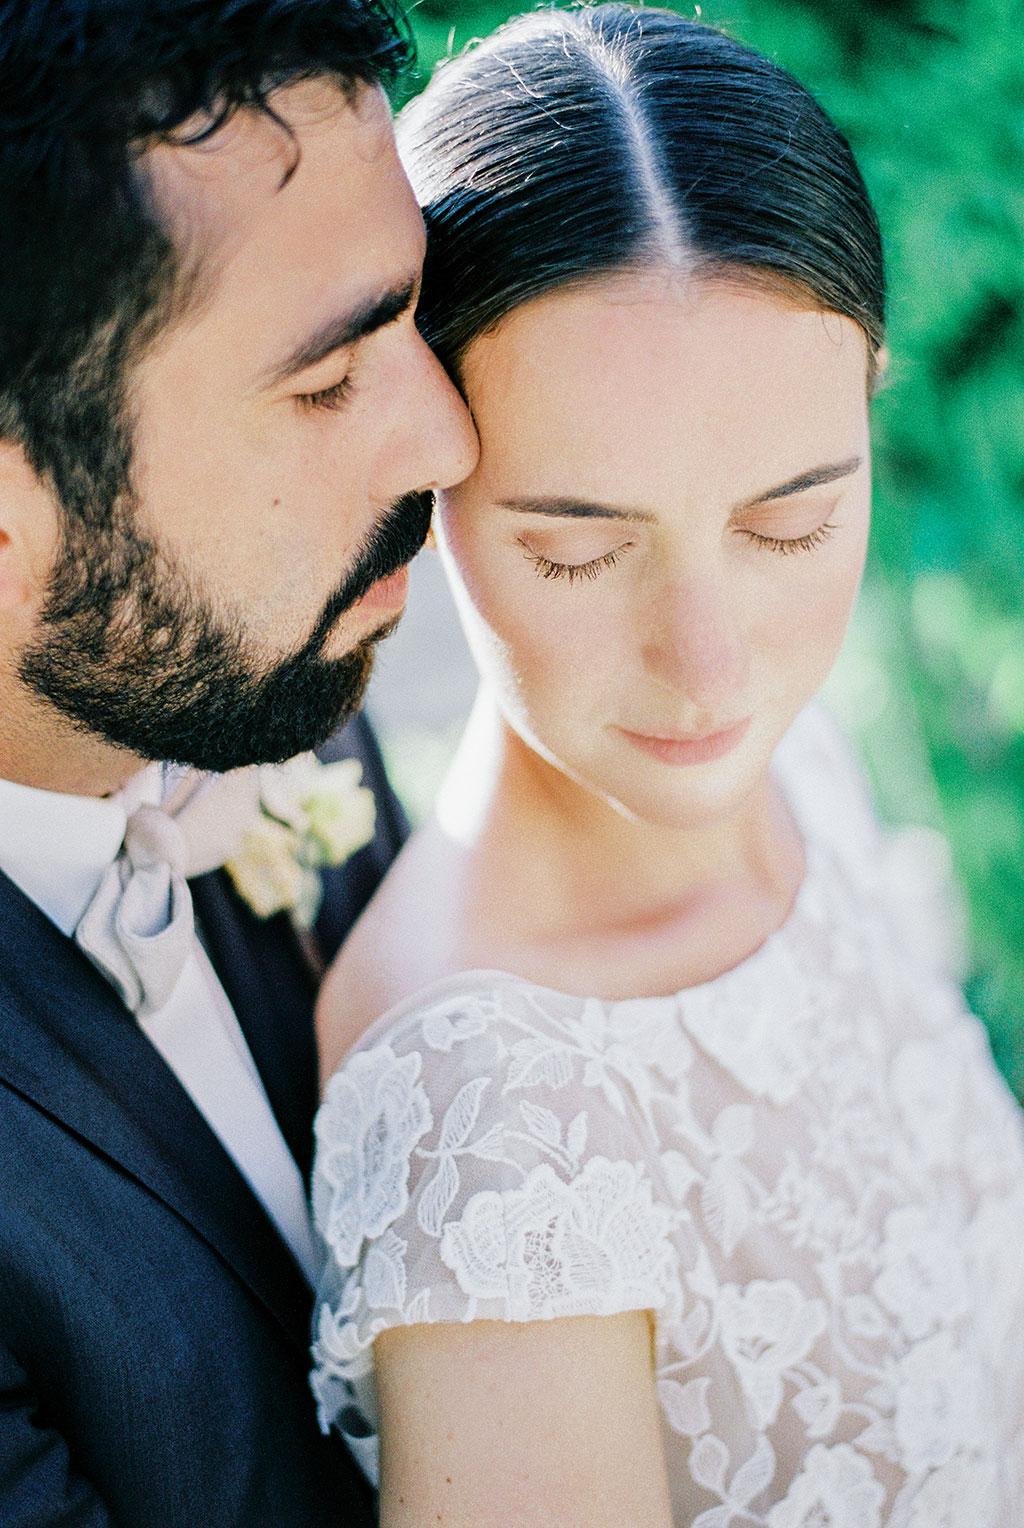 Φωτογραφία γάμου Χαλκιδική, emotional moment between groom and bride on film